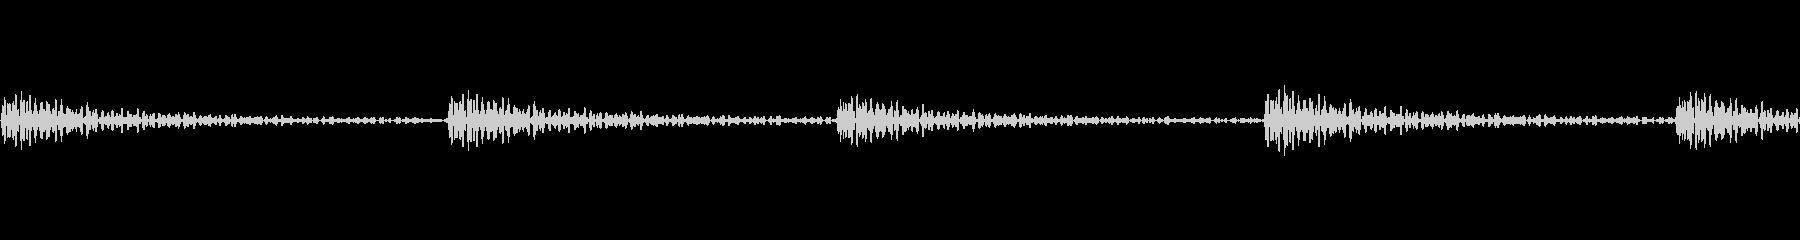 カラカラ 2の未再生の波形